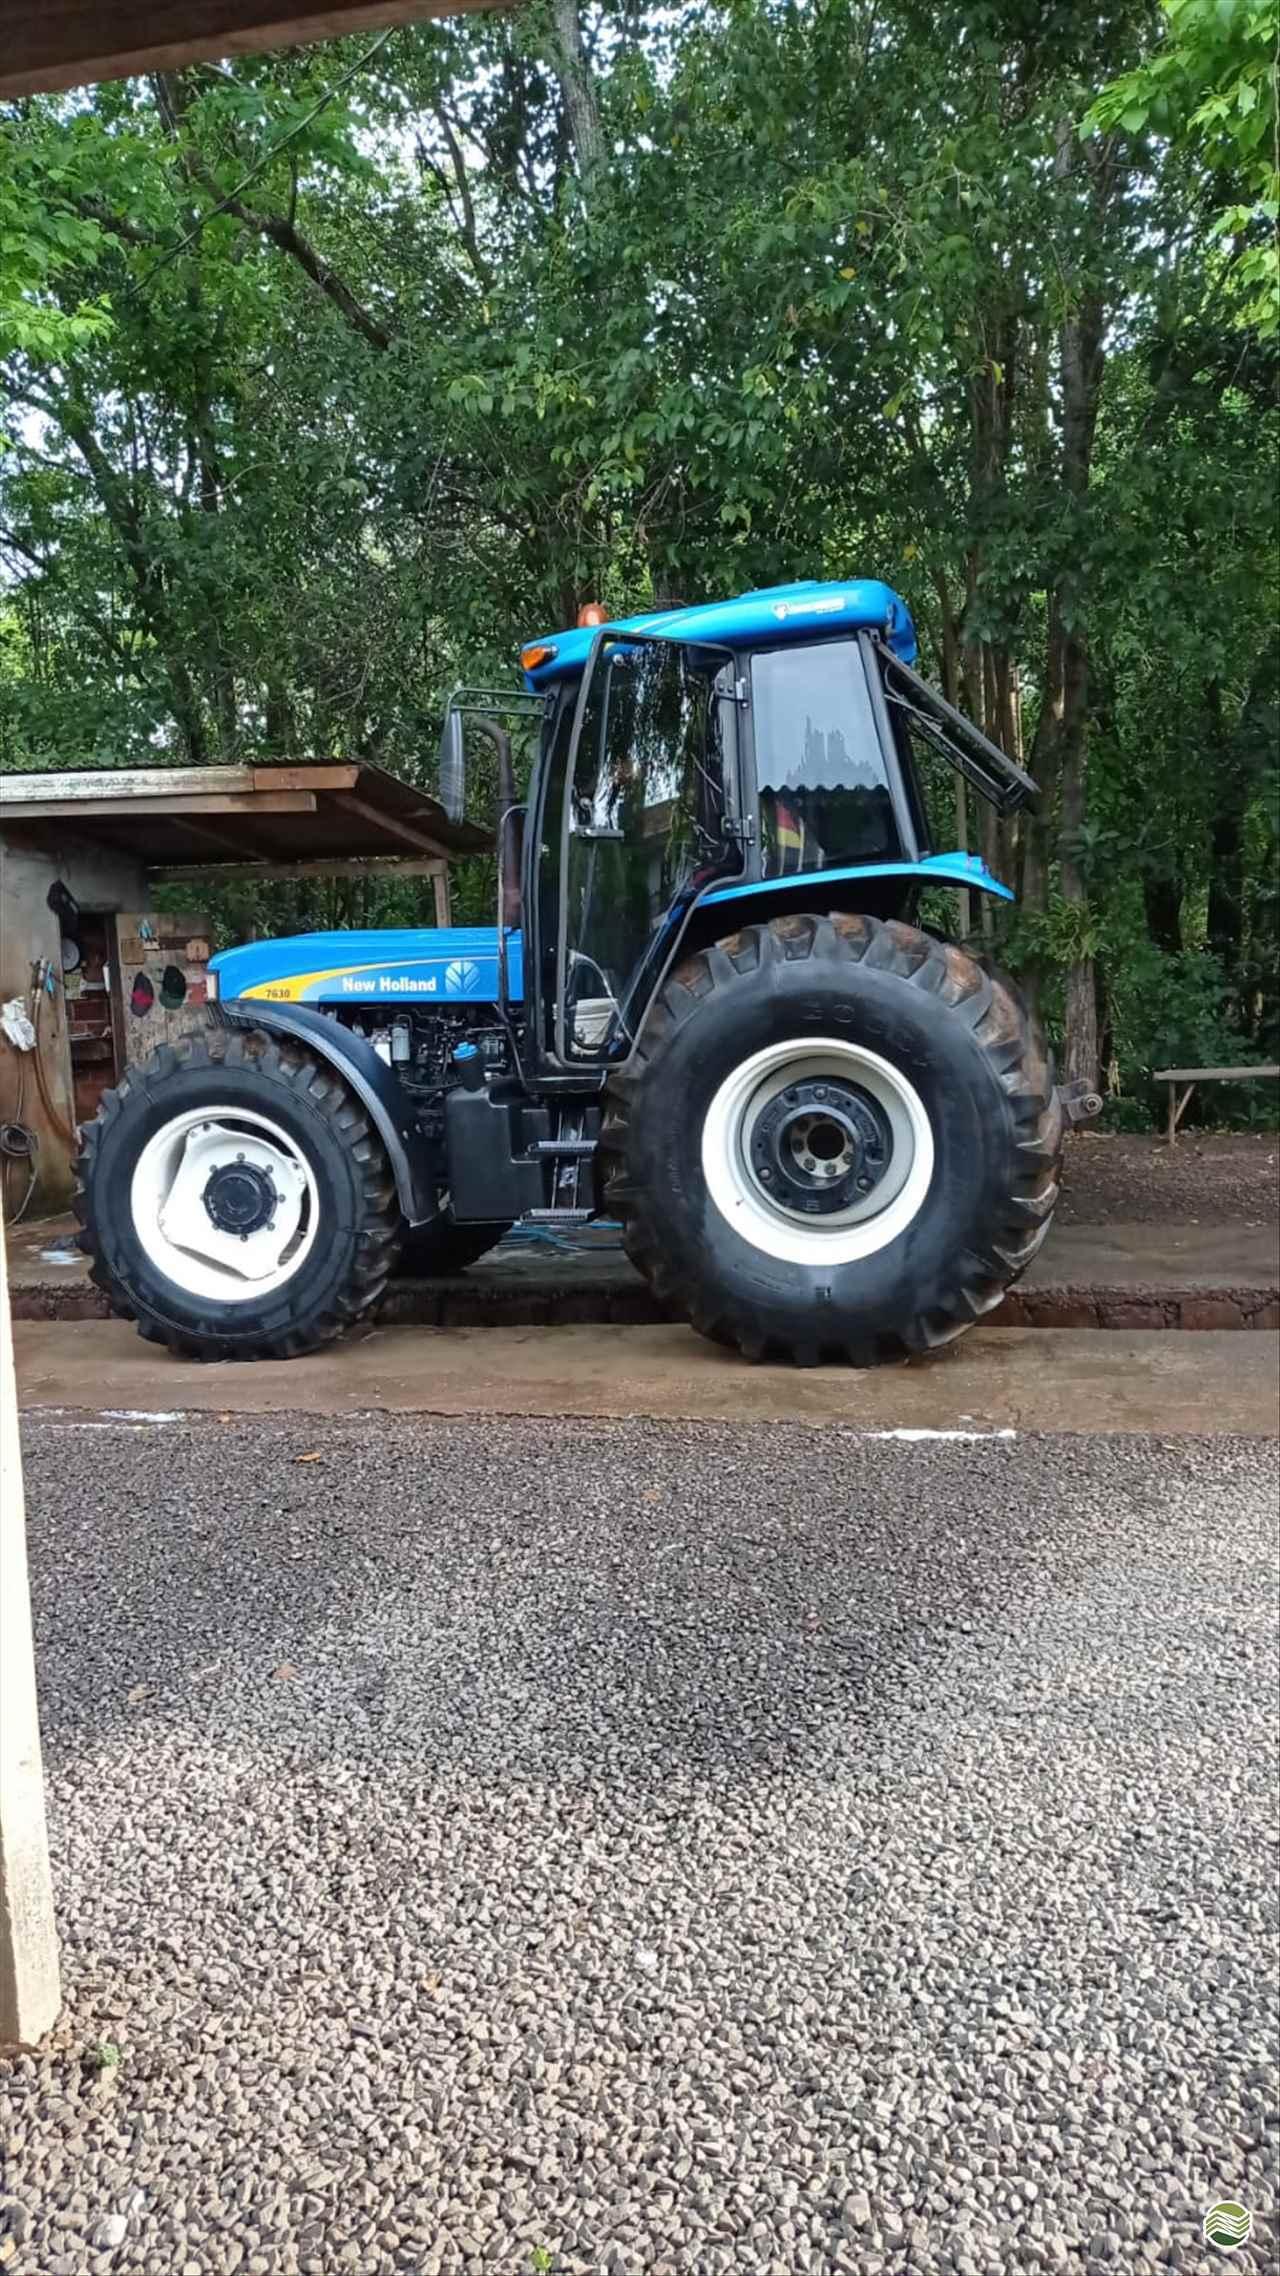 TRATOR NEW HOLLAND NEW 7630 Tração 4x4 LG Peças e Máquinas Agrícolas CHOPINZINHO PARANÁ PR